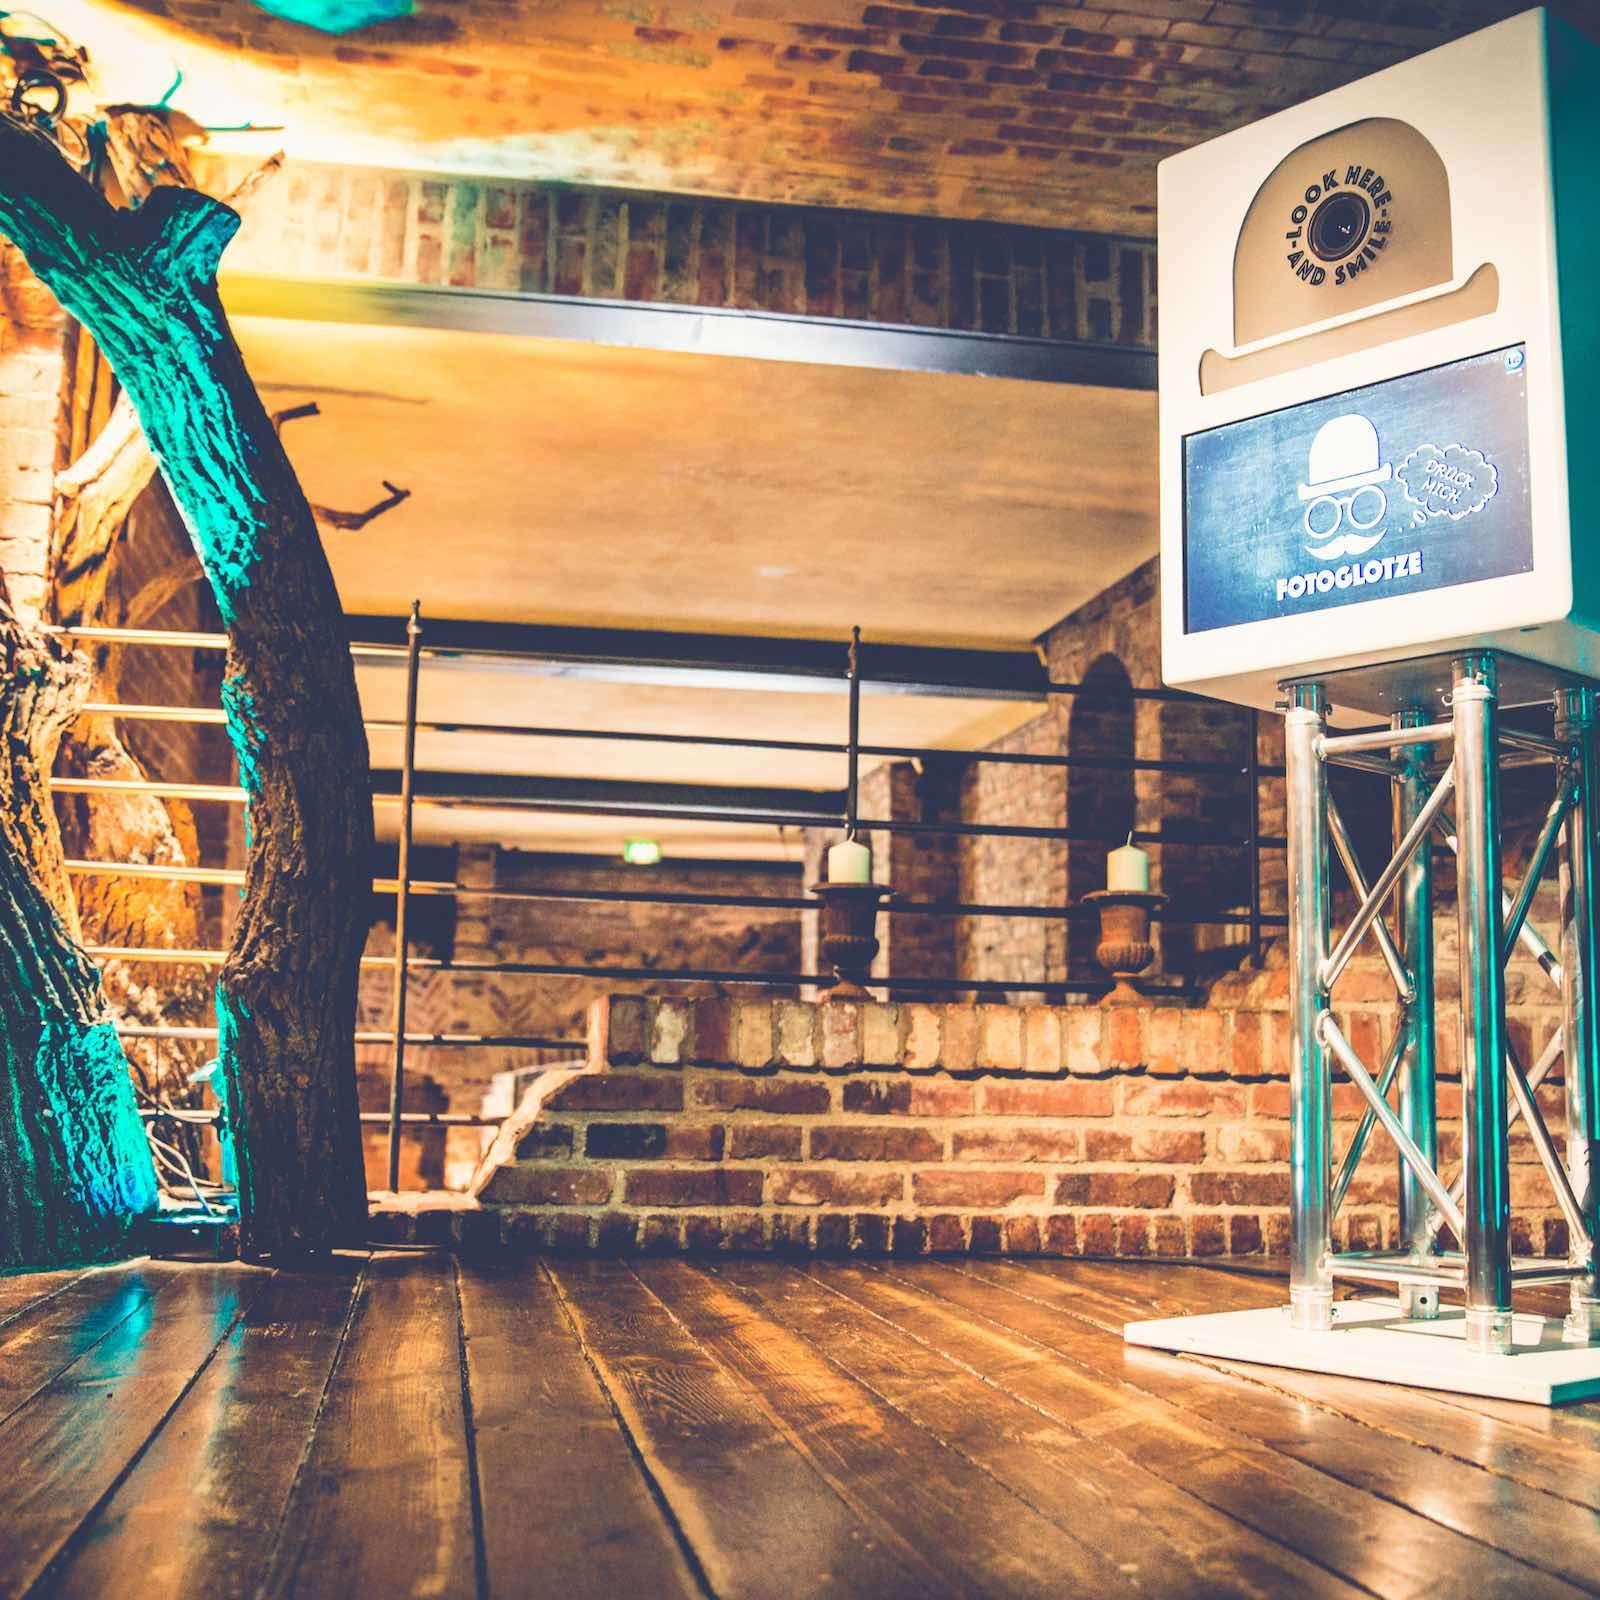 Fotobox | Hannover | Mieten | Druck | Ausdruck | Sofortdruck | Fotokiste | Photobooth | Fotoautomat | Hameln | Hochzeit | Messe | Event | Firmenfeier | Fotokiste | Abiball | Mieten | Fotoglotze | Lehmann | Eventservice